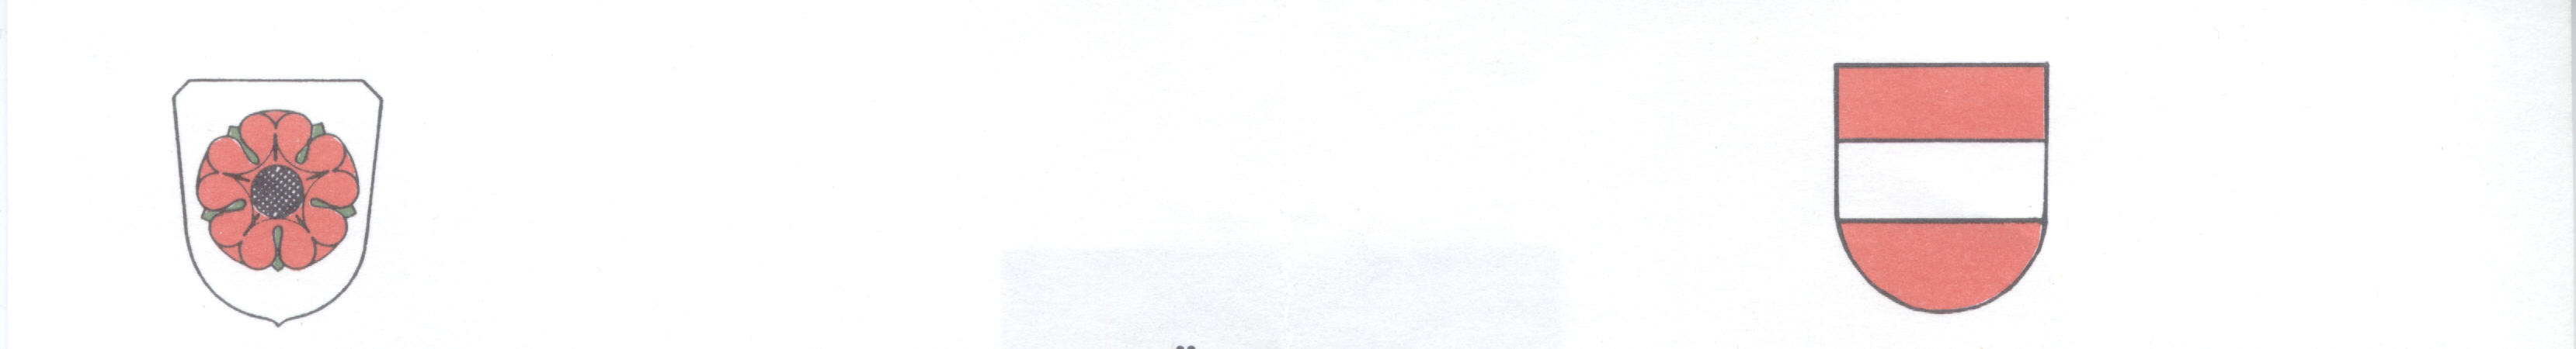 Embleme für Briefkopf